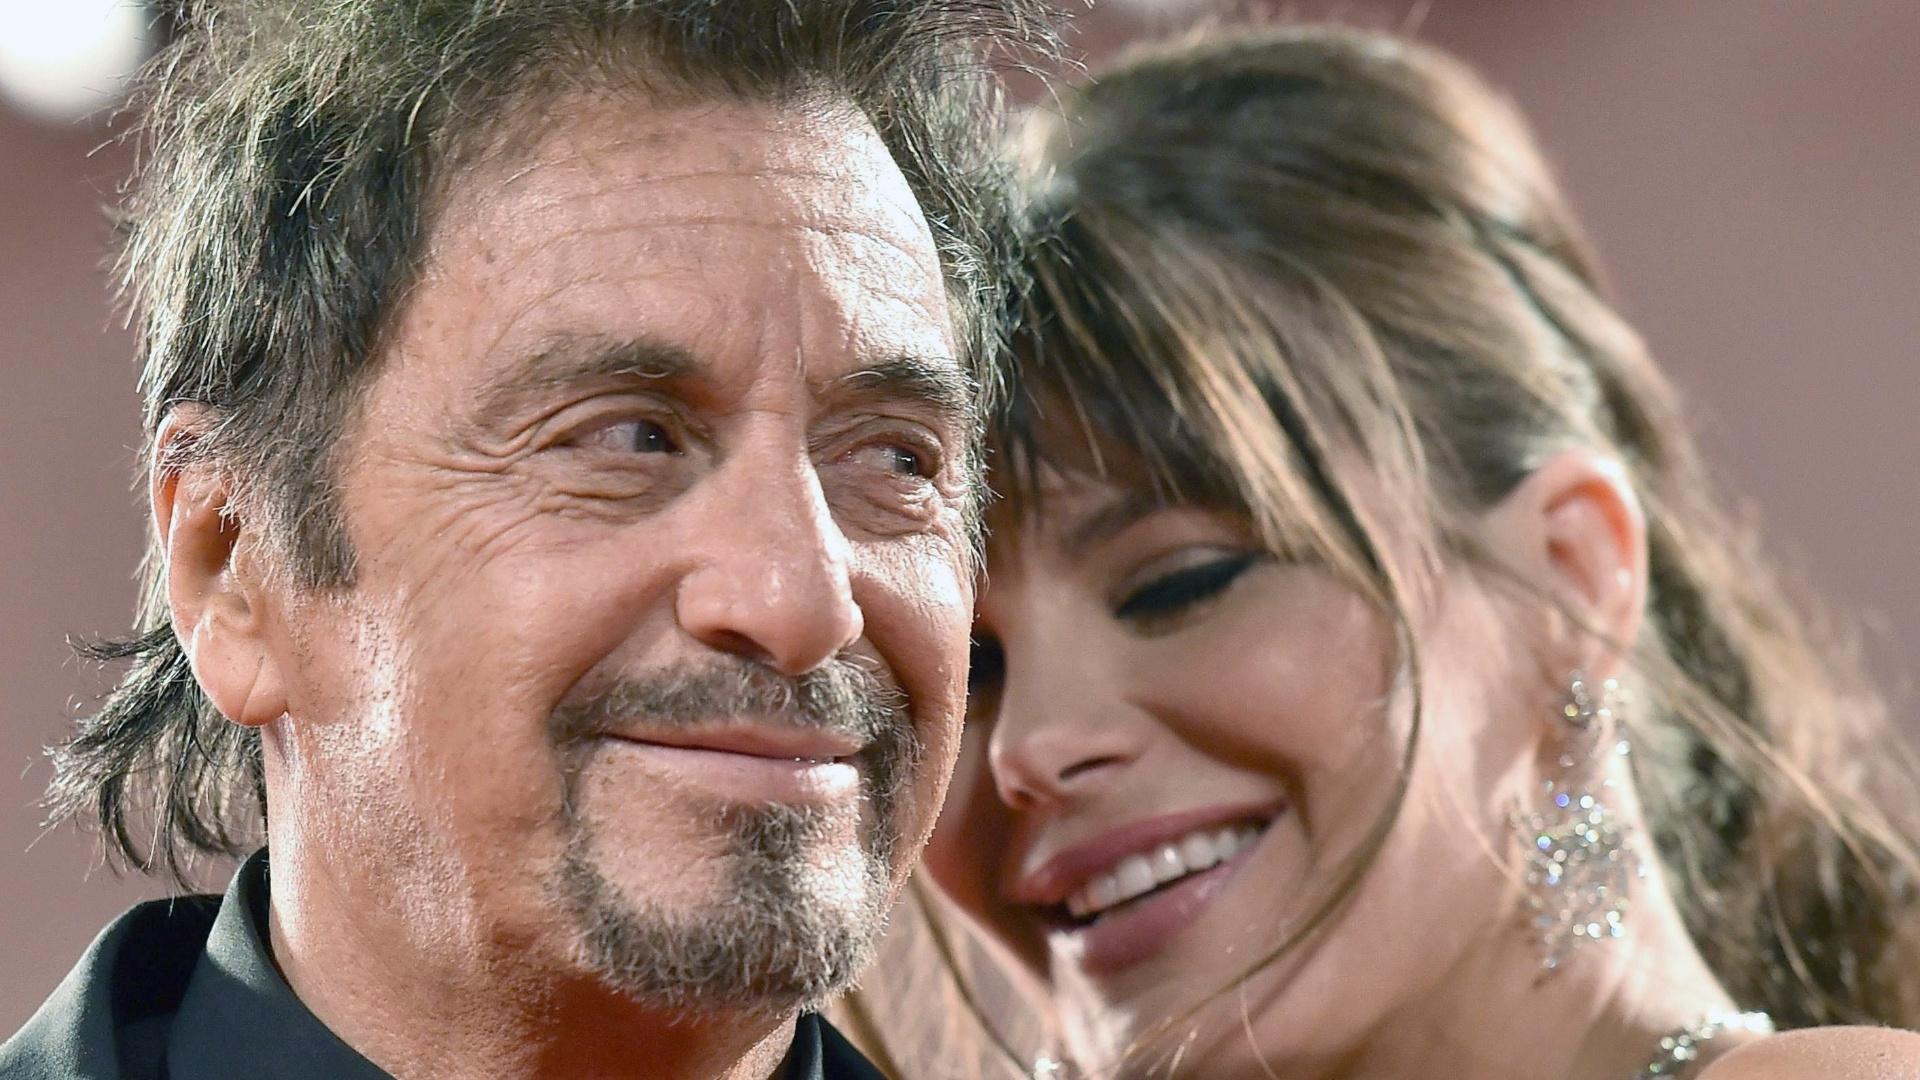 30.ago.2014 - Al Pacino recebe o carinho da namorada, a atriz argentina Lucila Sola, no tapete vermelho do filme